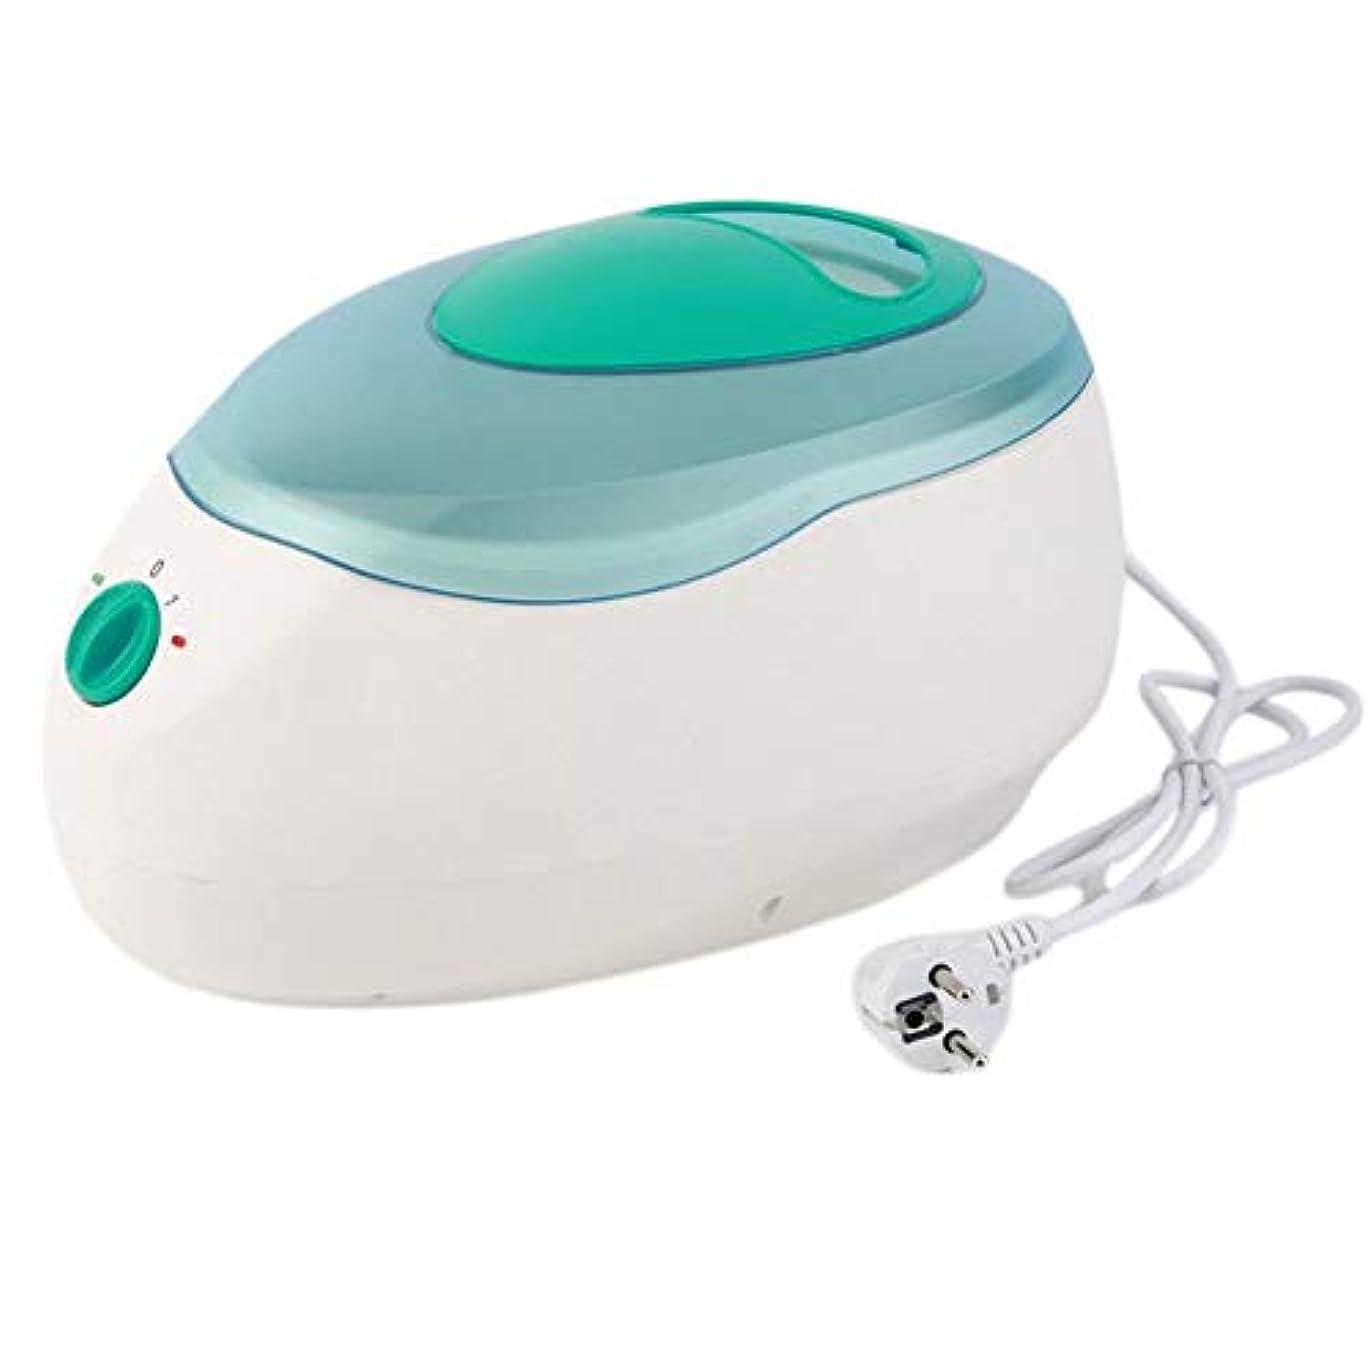 アルミニウム偽騙す手および足ボディワックスの毛の取り外しのためのワックス機械パラフィン療法の浴のワックスの鍋のウォーマーの美容院装置の鉱泉150W,グリーン